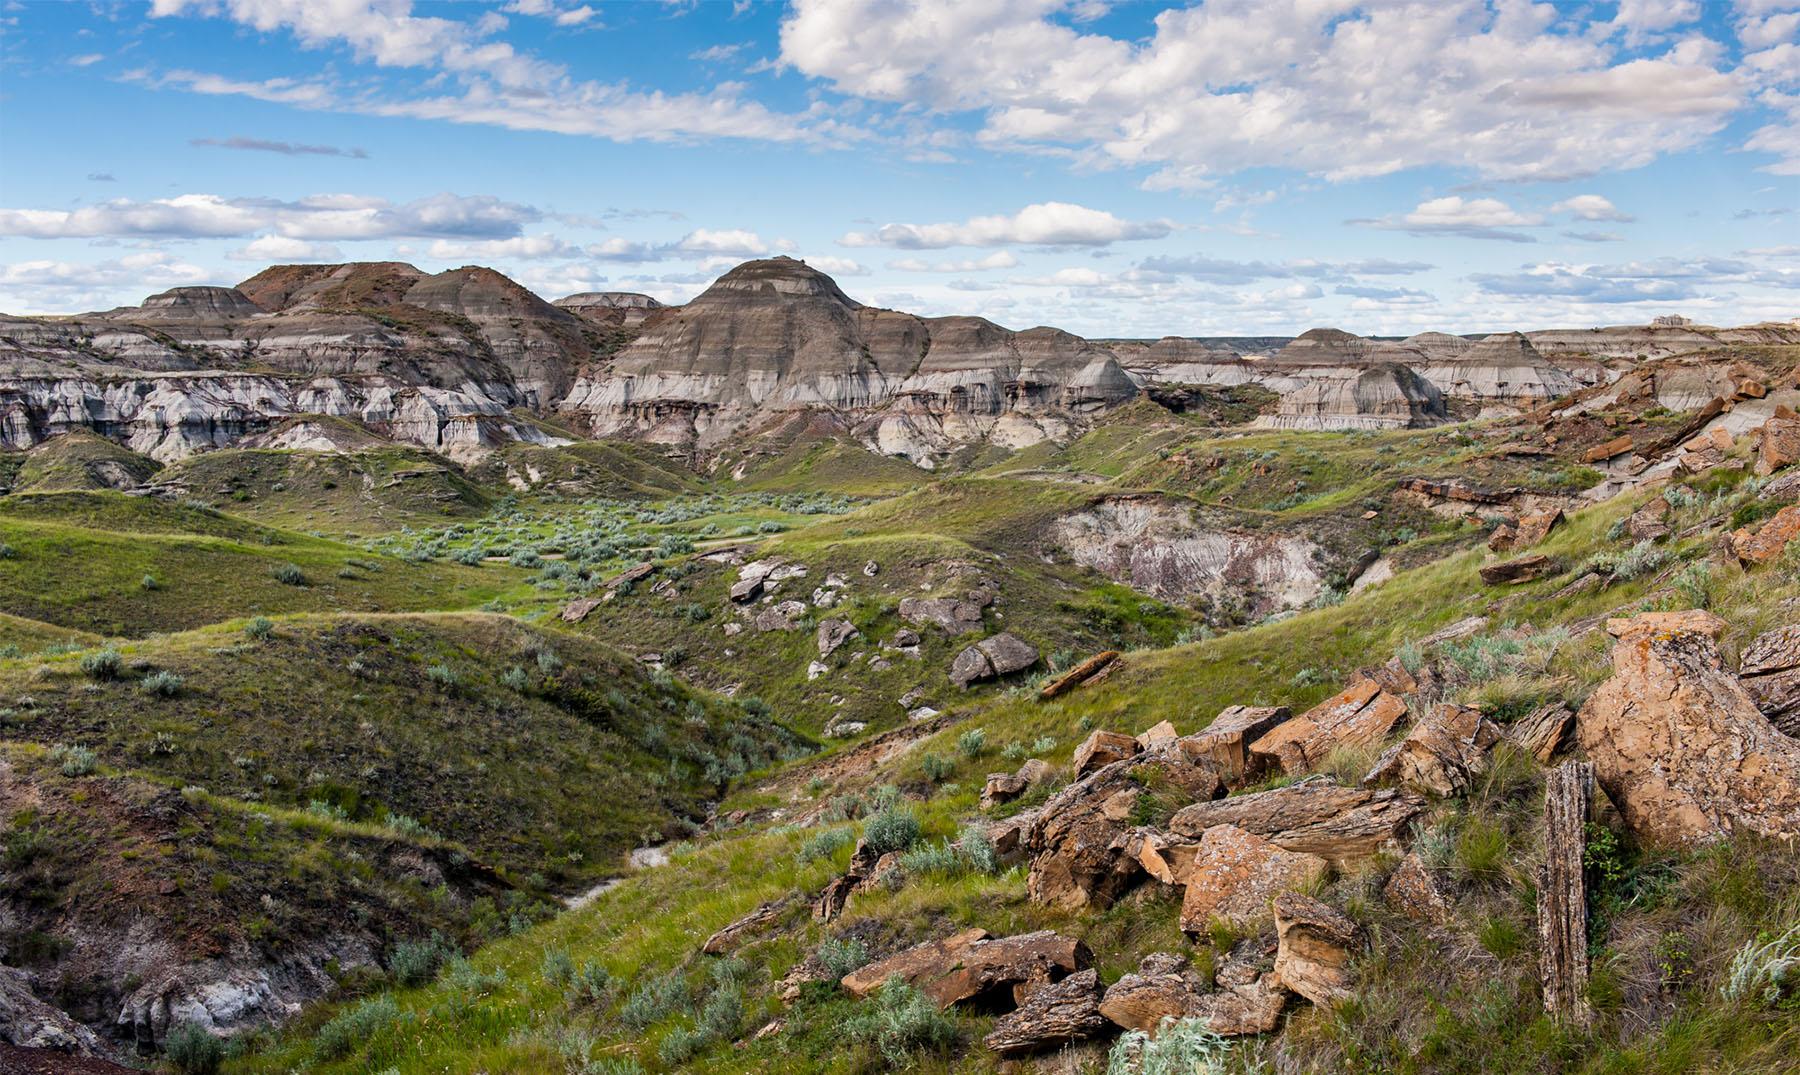 Cementerio de los dinosaurios en Canadá - El Viajero Feliz